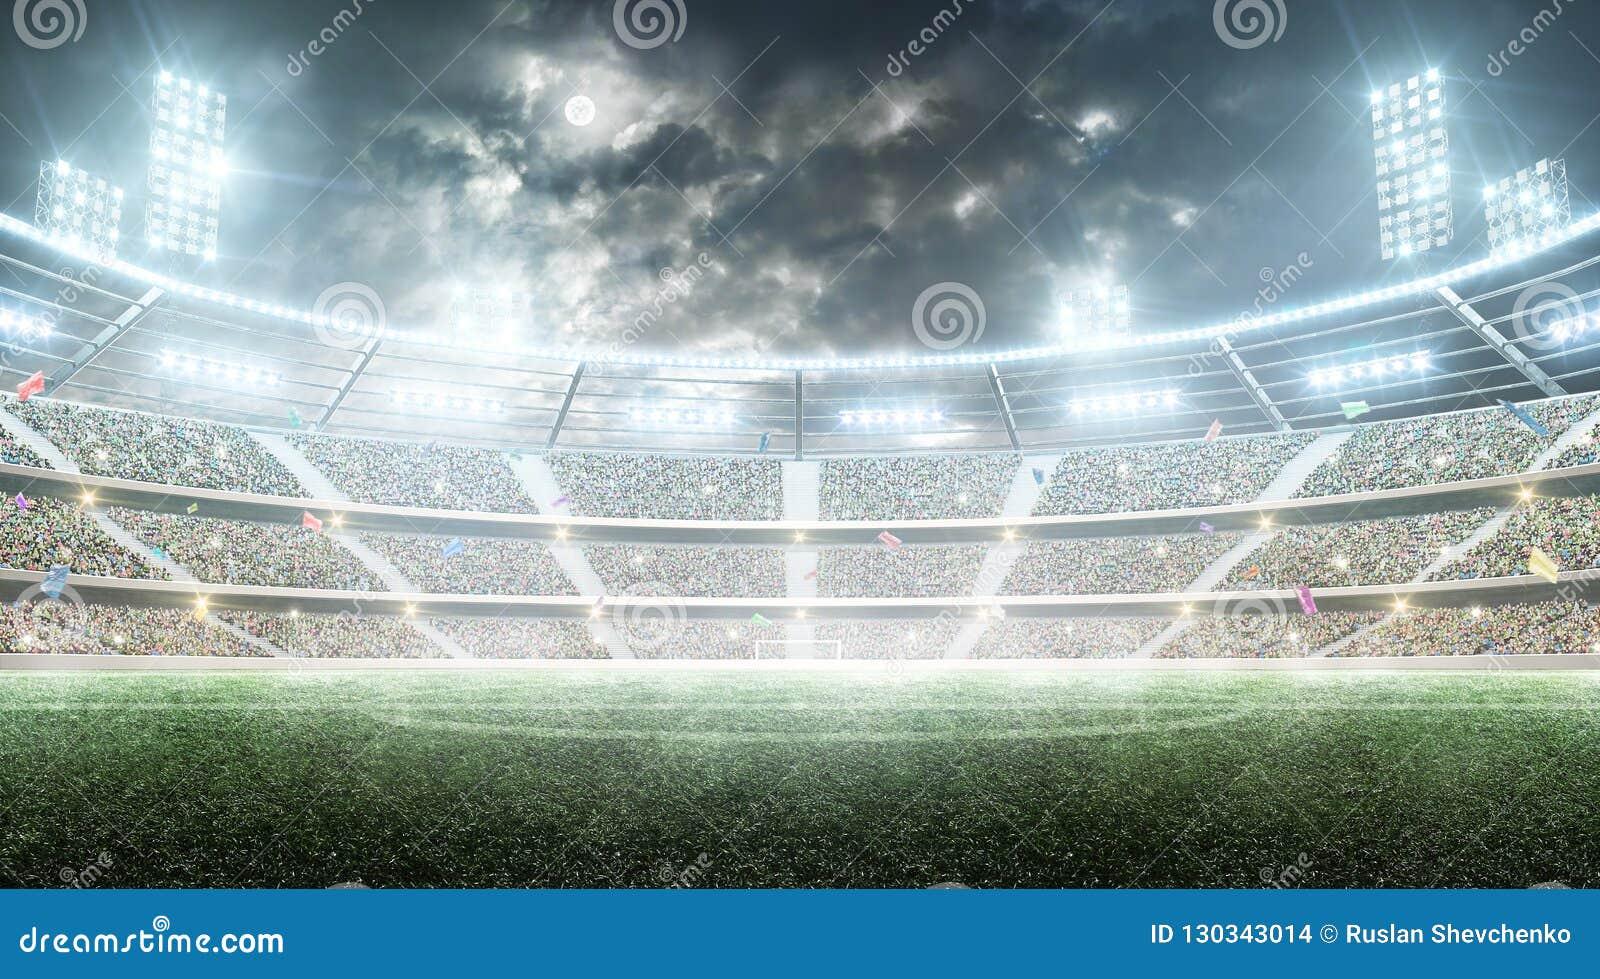 Le football stadium Stade de sport professionnel Stade de nuit sous la lune avec des lumières, des fans et des drapeaux Fond